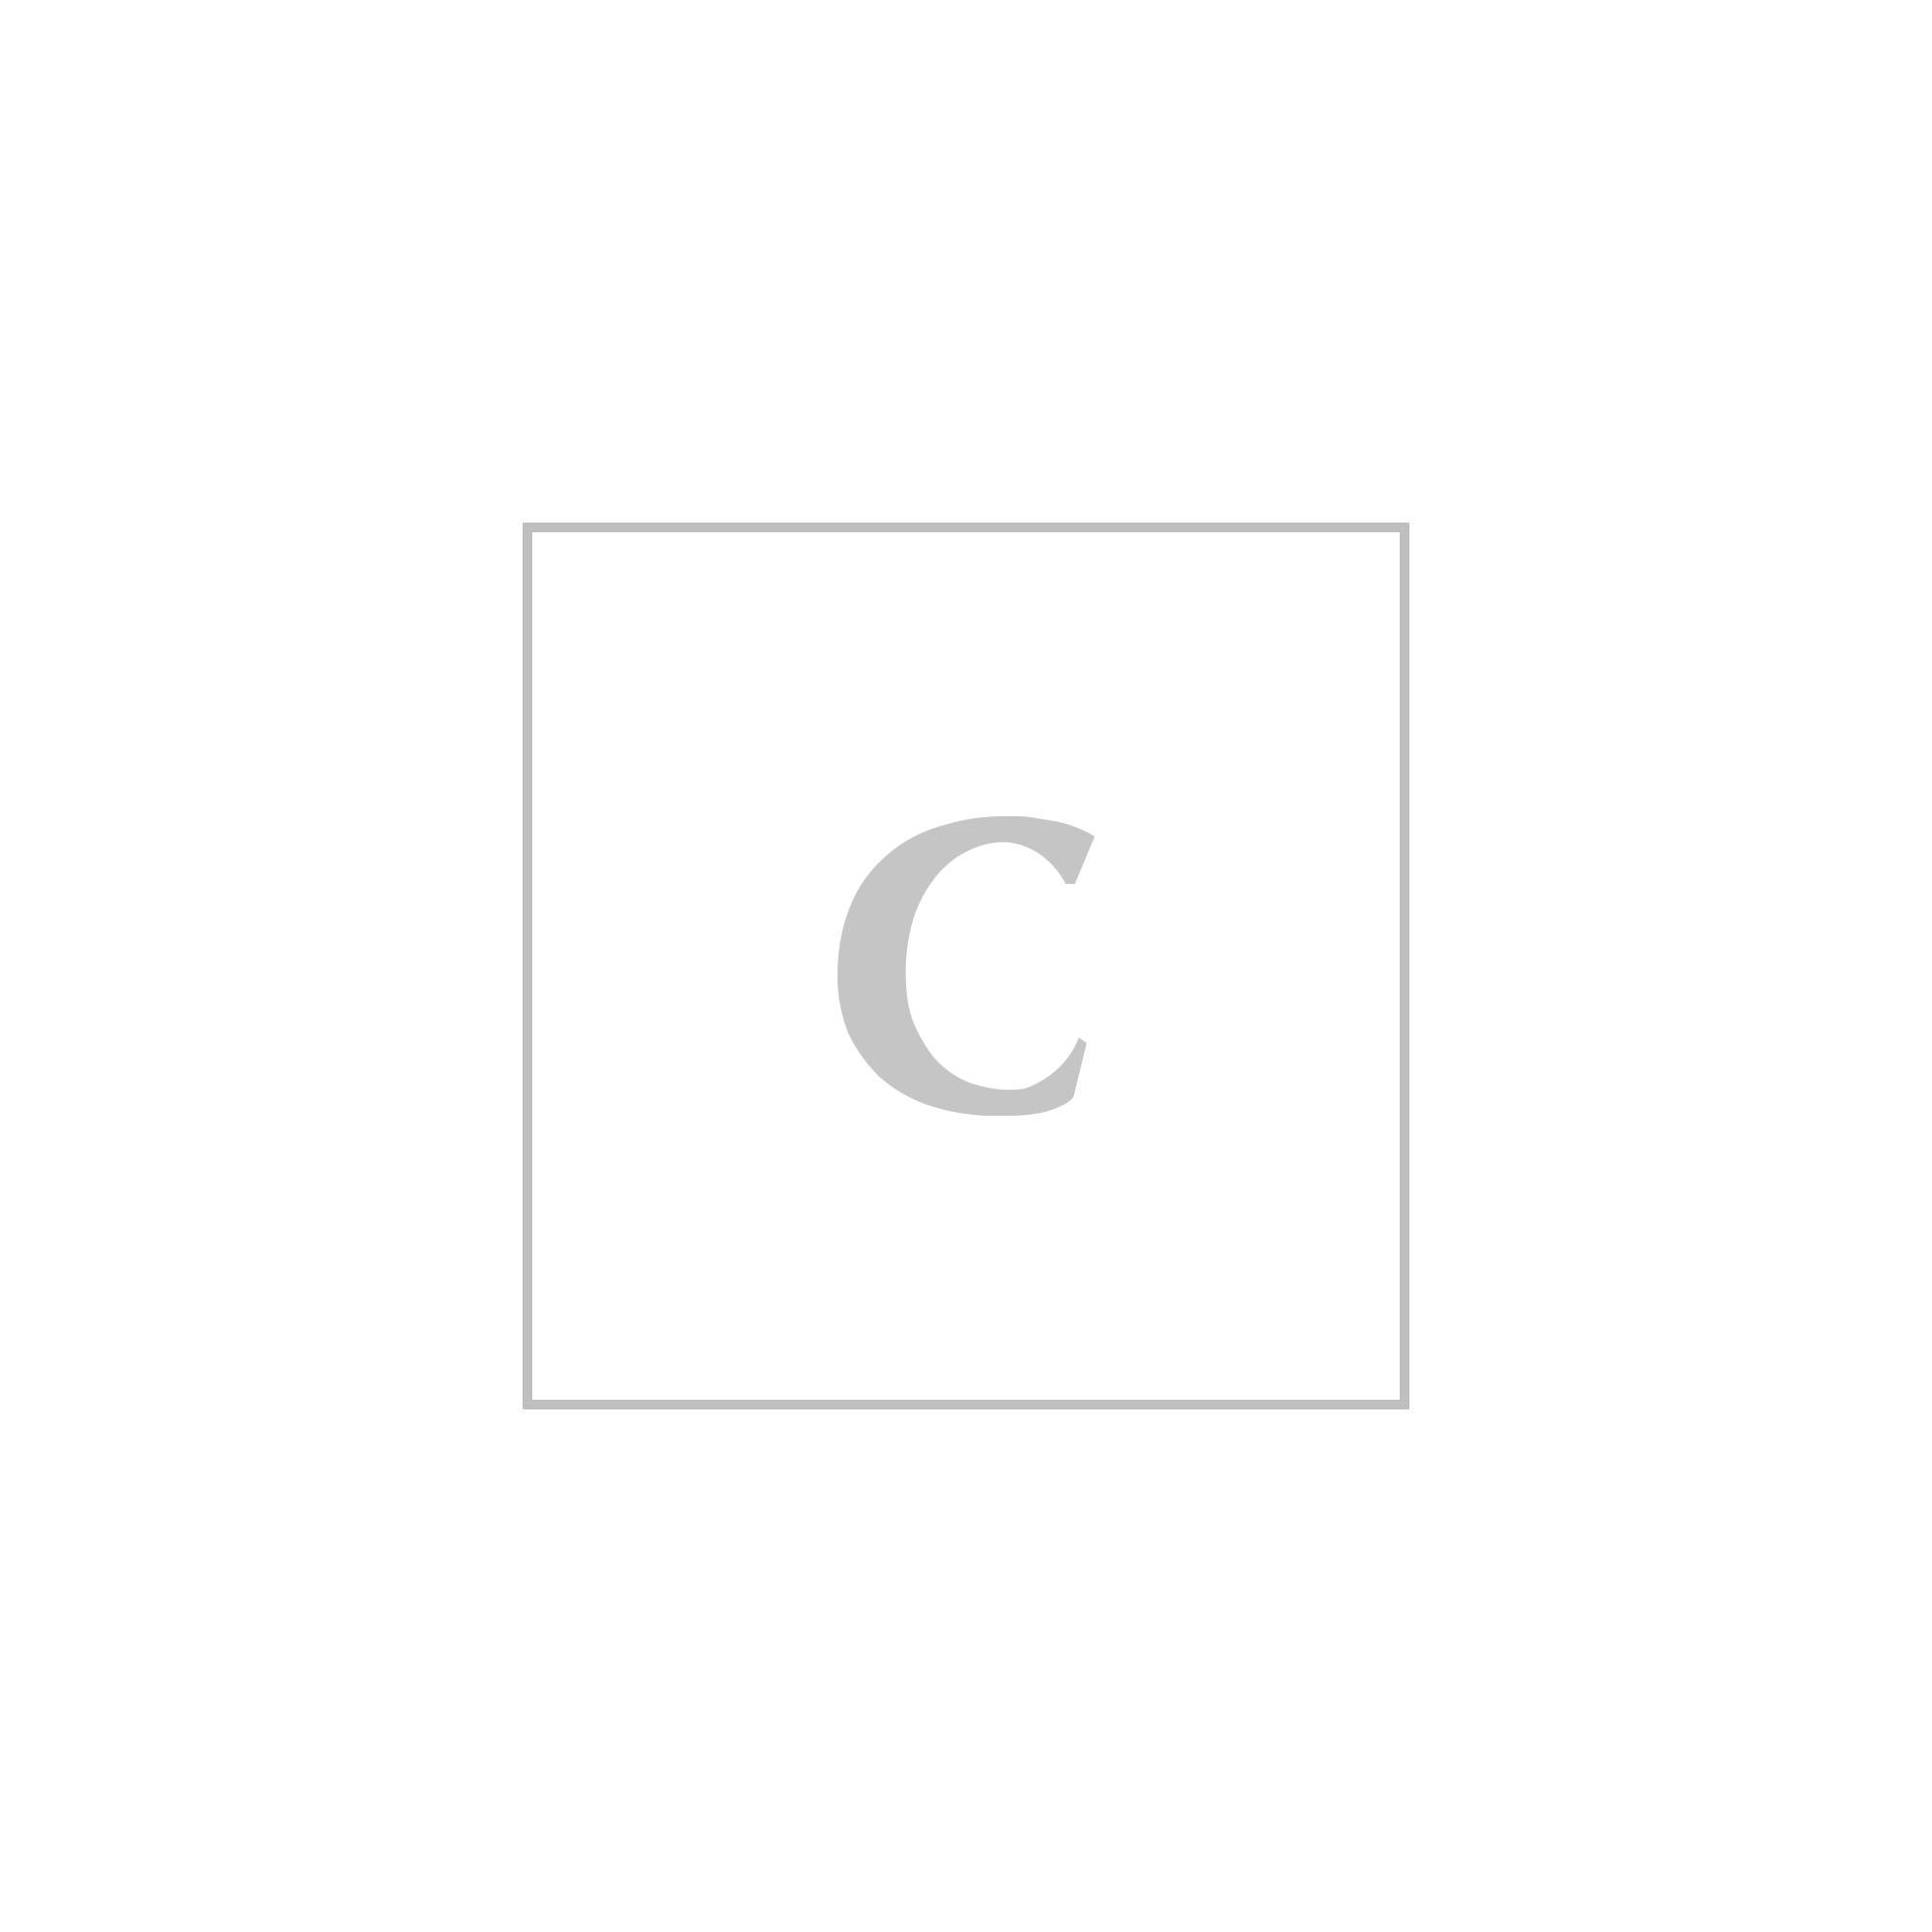 tory burch abbigliamento donna piumino reversibile con logo